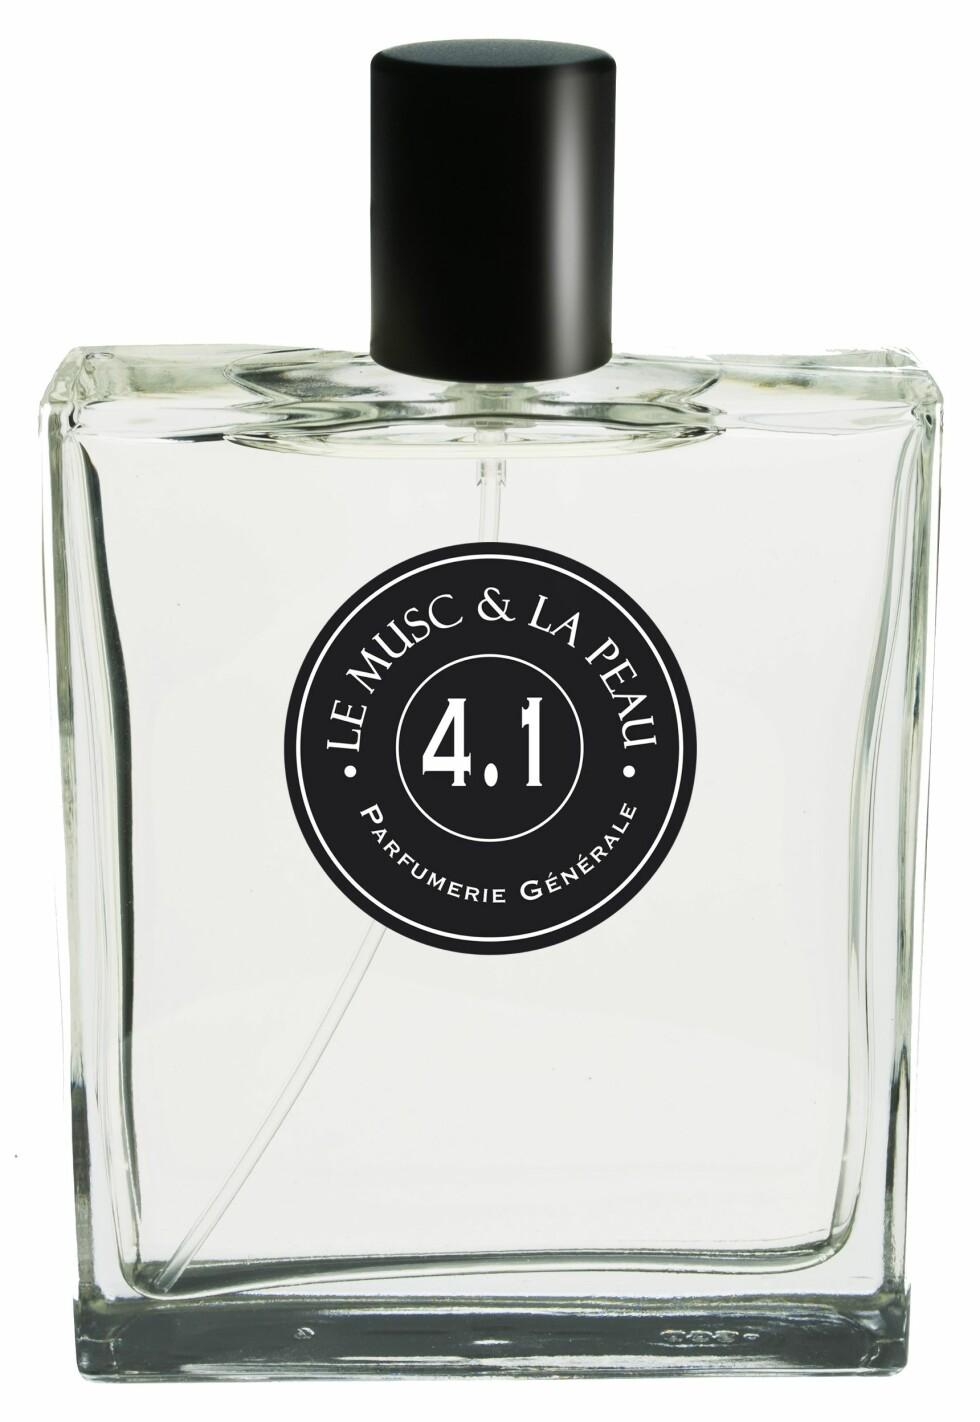 Med sju forskjellige musk som etterligner duften av hud (kr 950, Parfumerie Générale, 4.1 – Le Musc & La Peau).